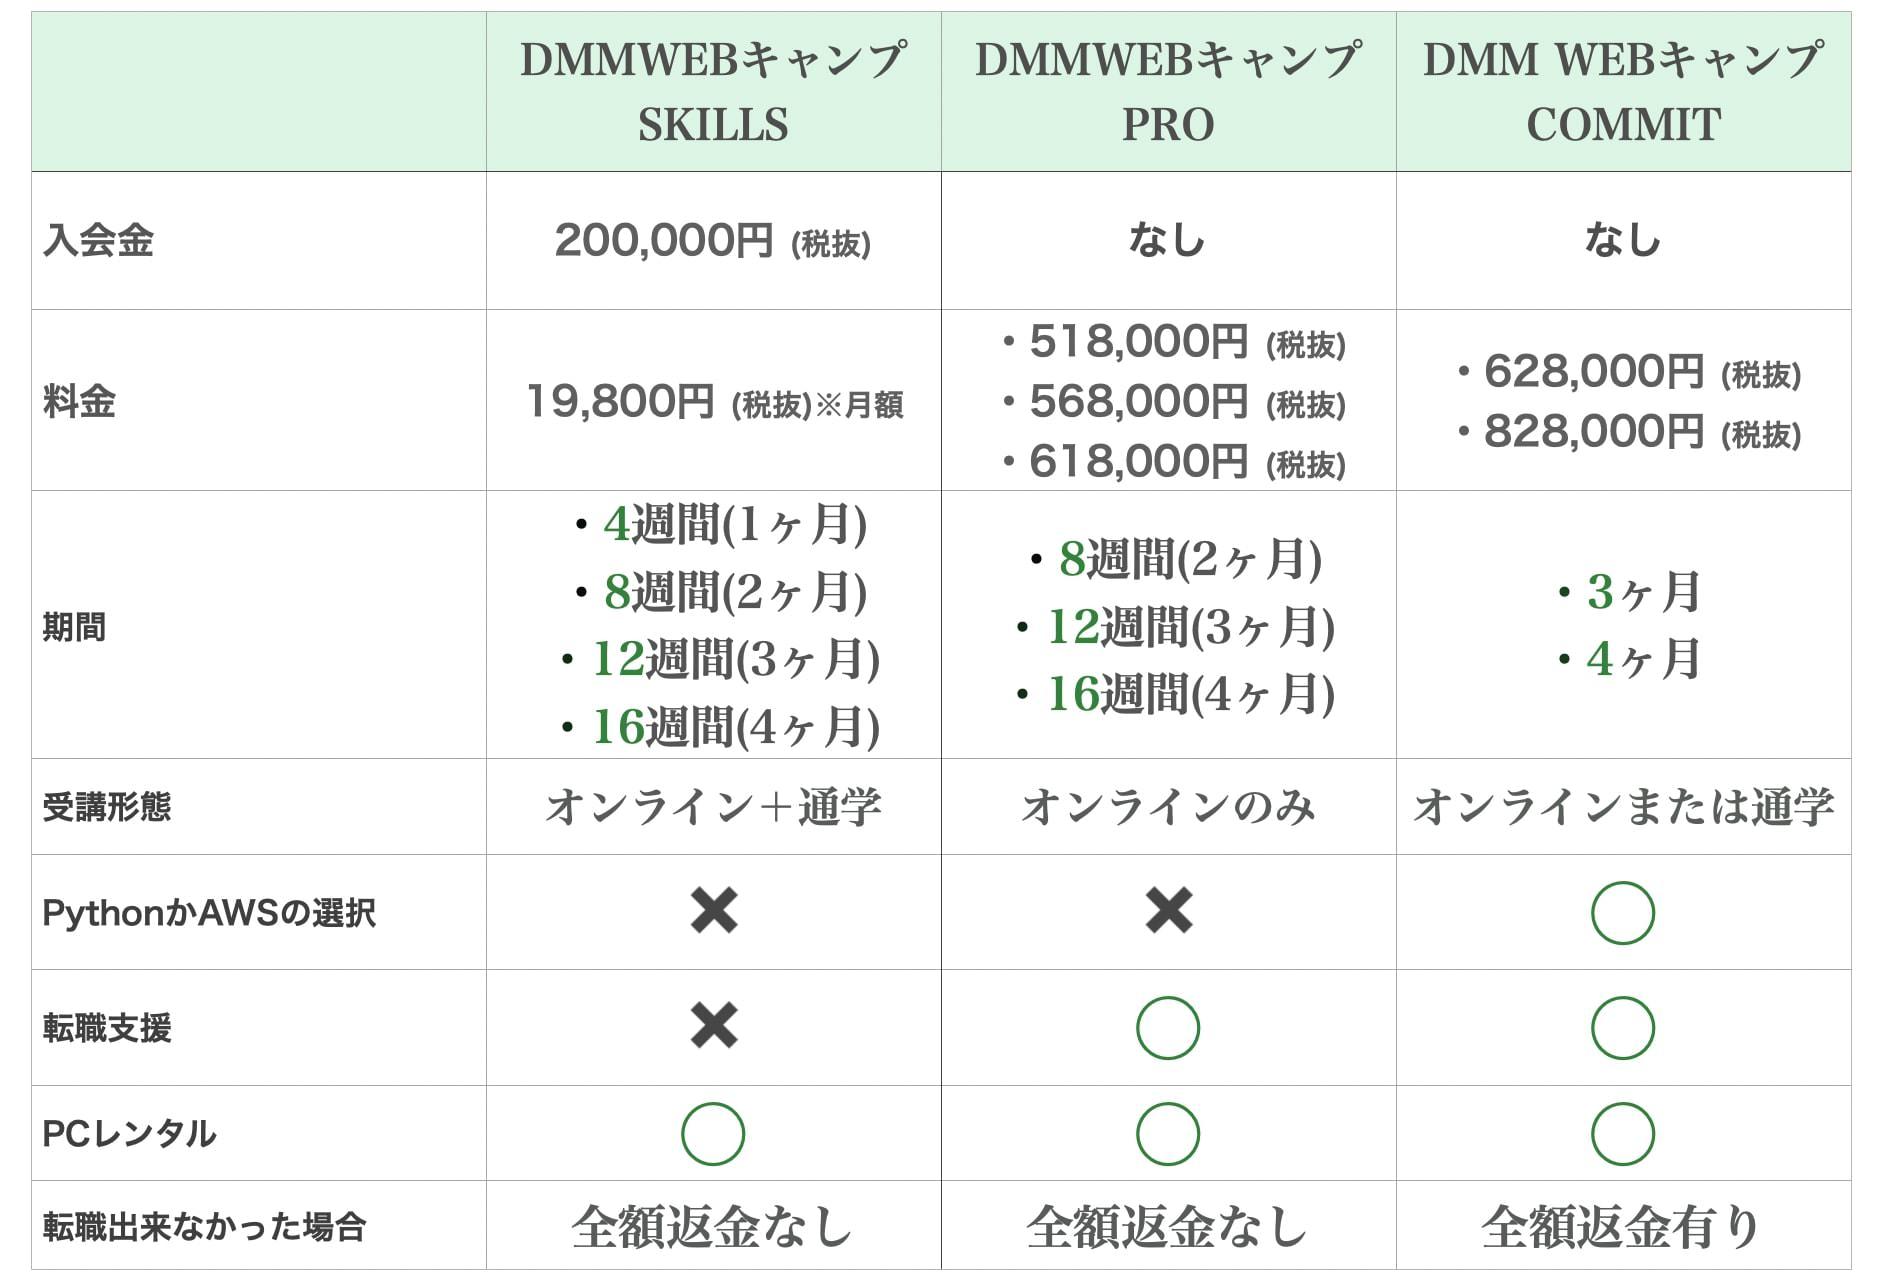 DMMWEBキャンプ(CAMP)SKILLSとCOMMITとPROの違い